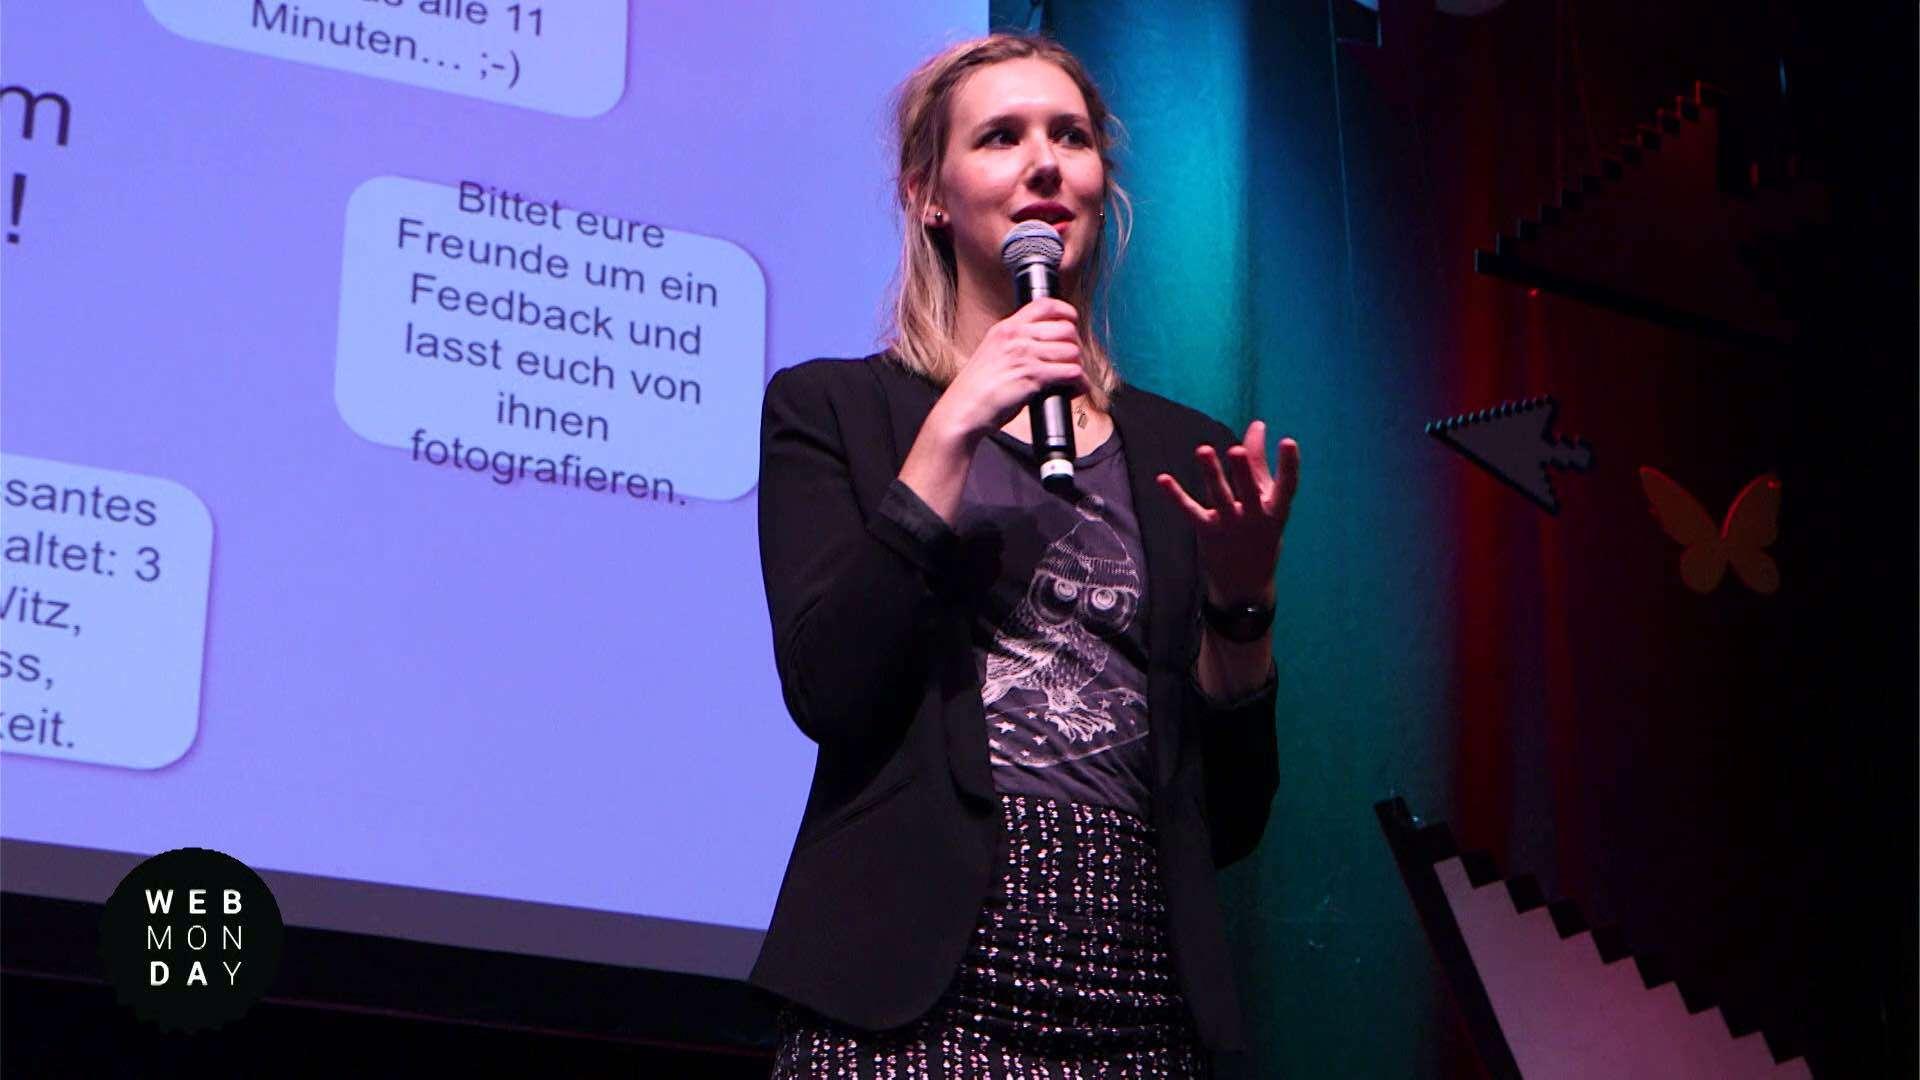 Eine Frau hält einen Vortrag auf dem Webmontag in Darmstadt